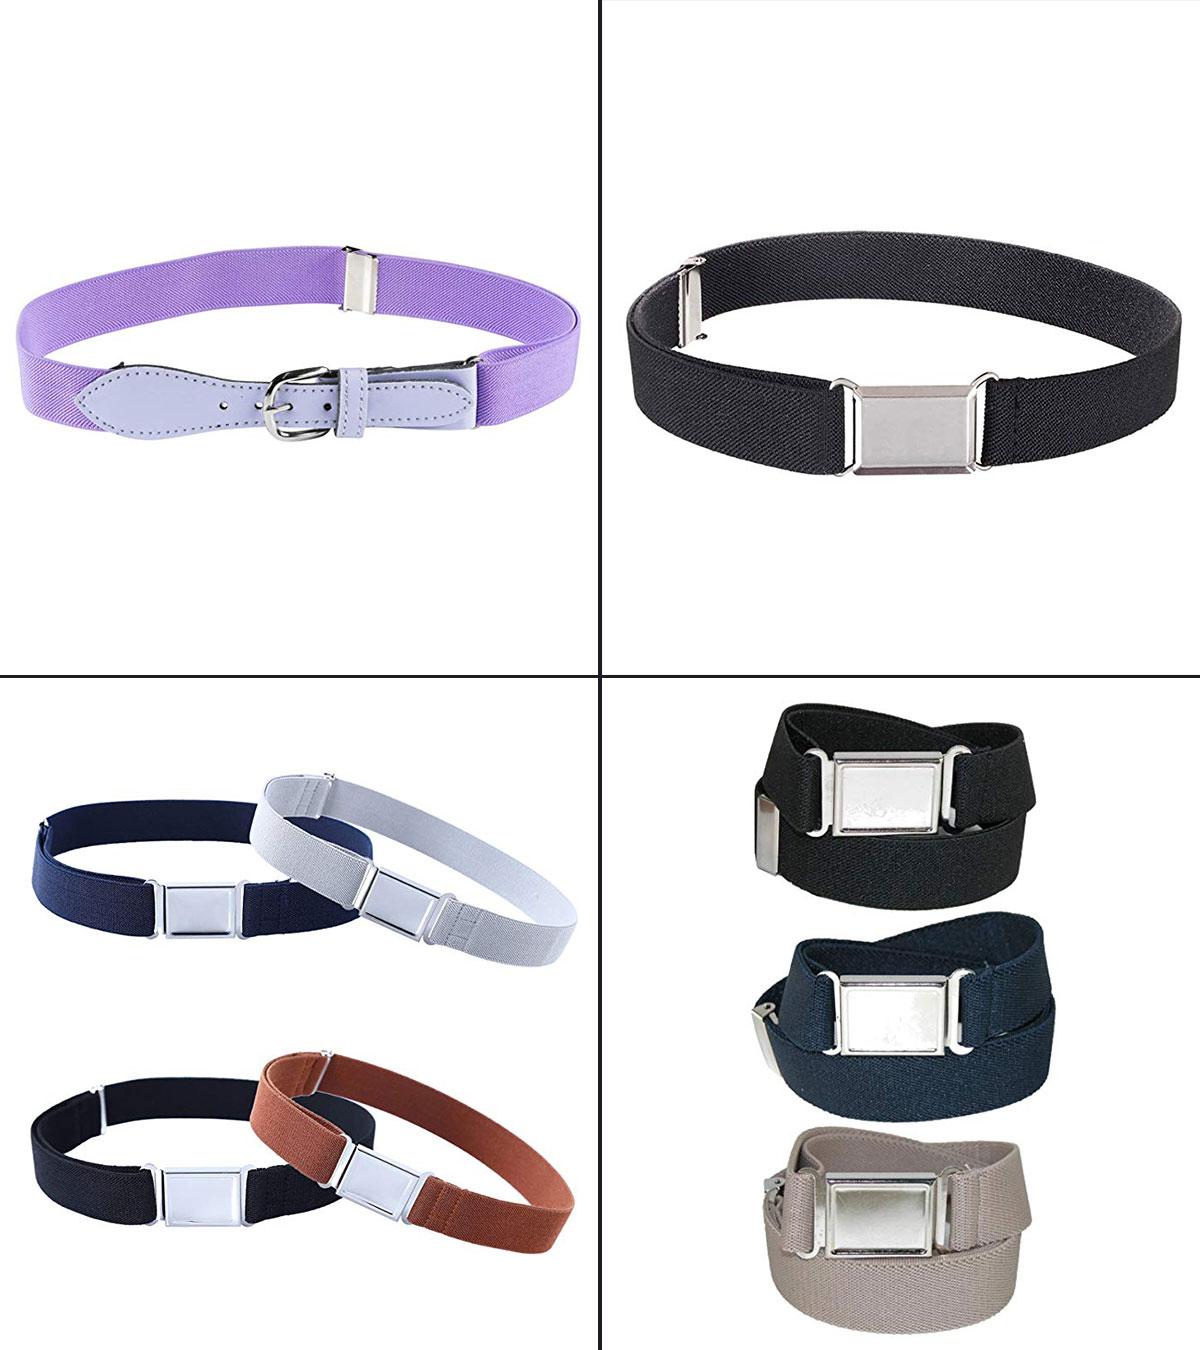 11 Best Kids Belts To Buy In 2021